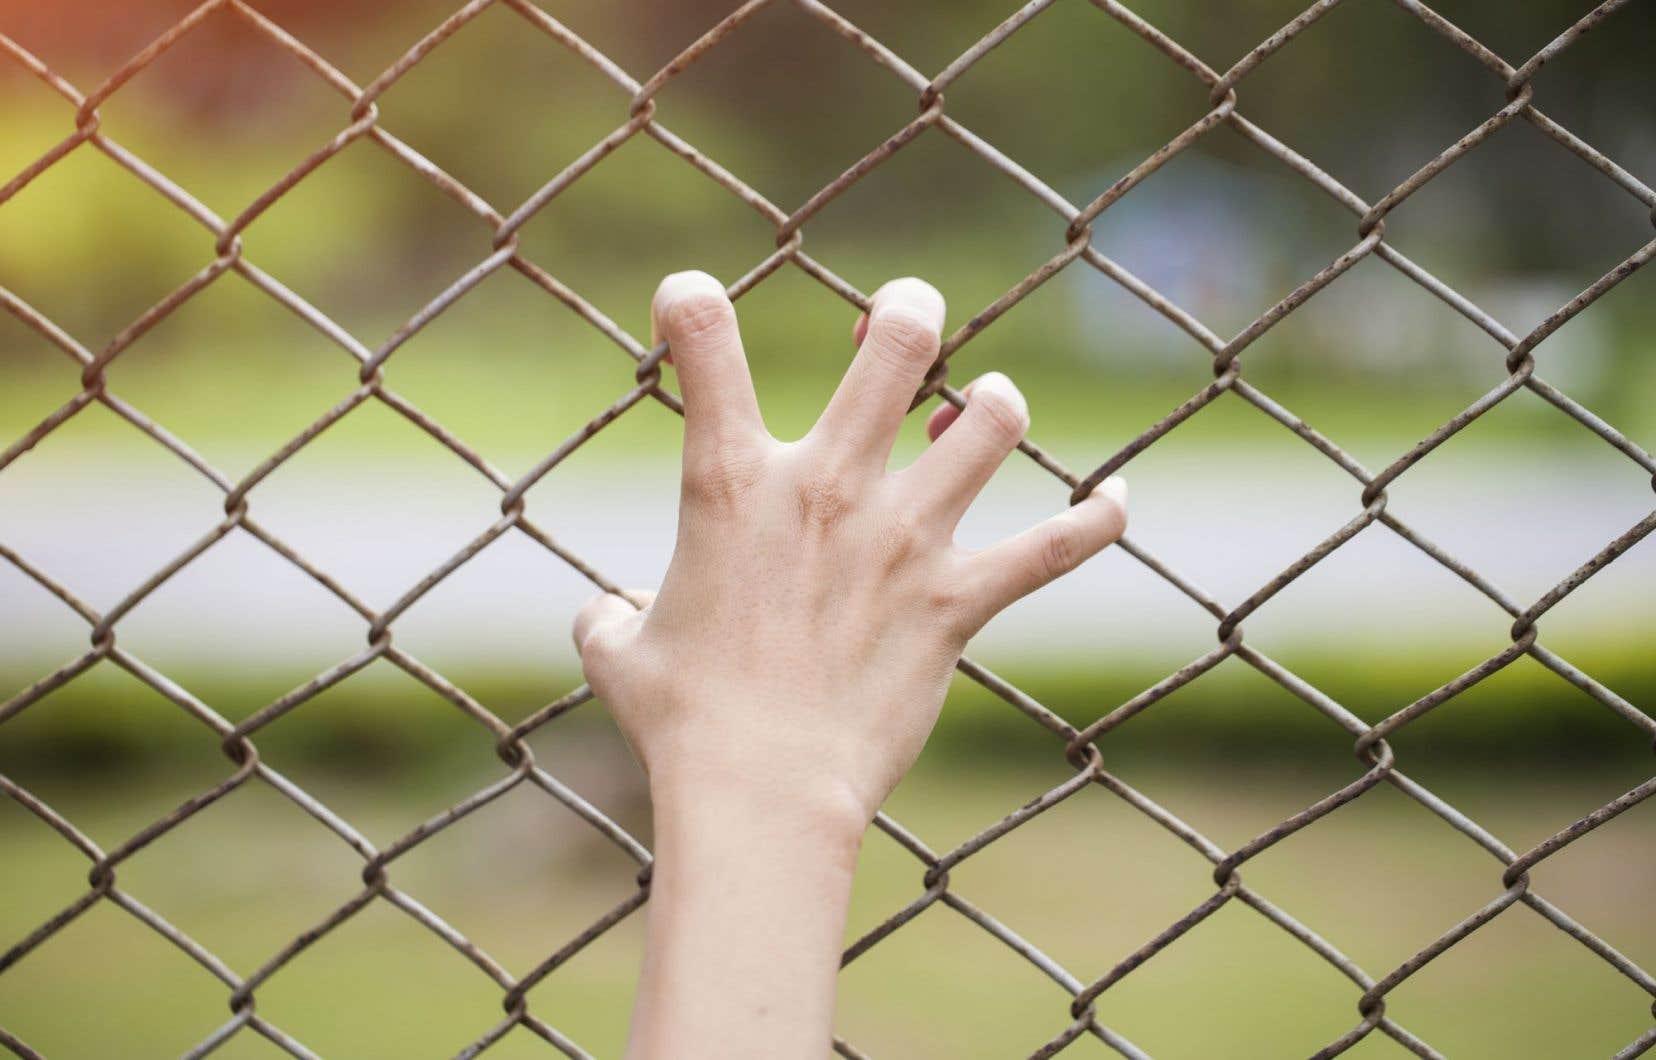 Les quelques acquis qui ont découlé de la reconnaissance des besoins des femmes incarcérées ont été abandonnés, estiment les auteures.